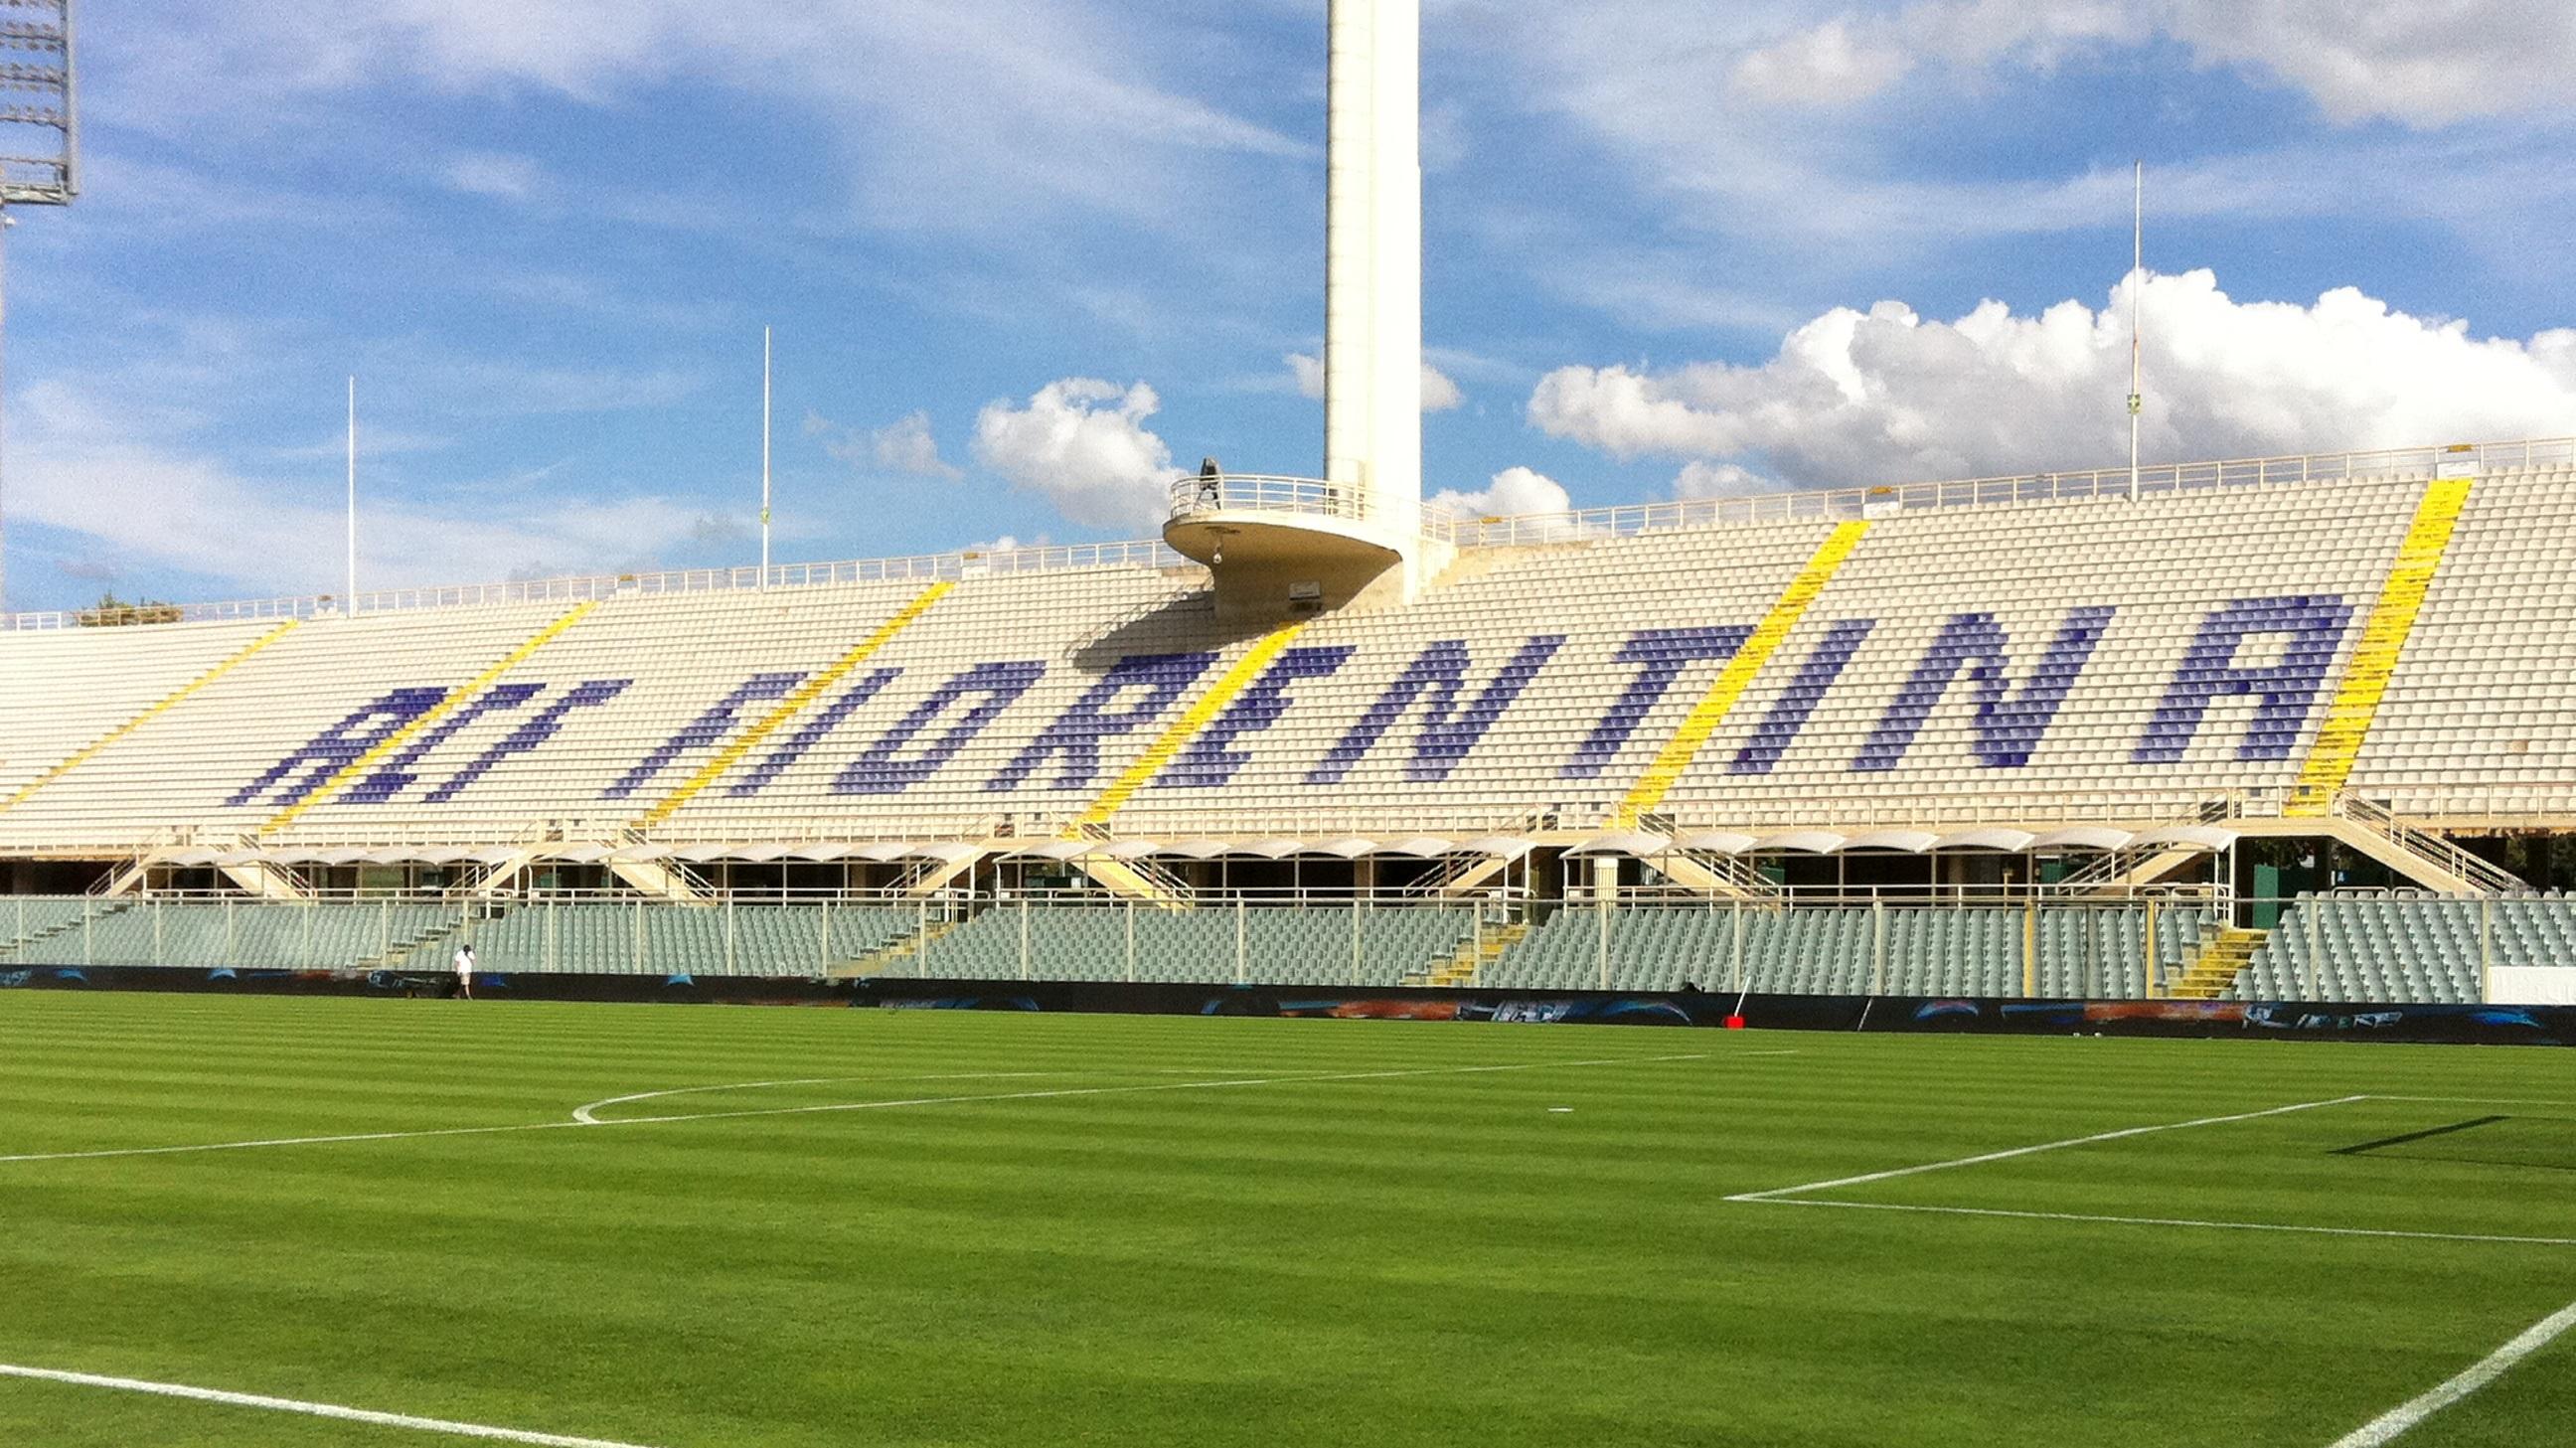 Fiorentina Vs Cagliari At Stadio Artemio Franchi On 10 01 21 Sun 18 00 Football Ticket Net